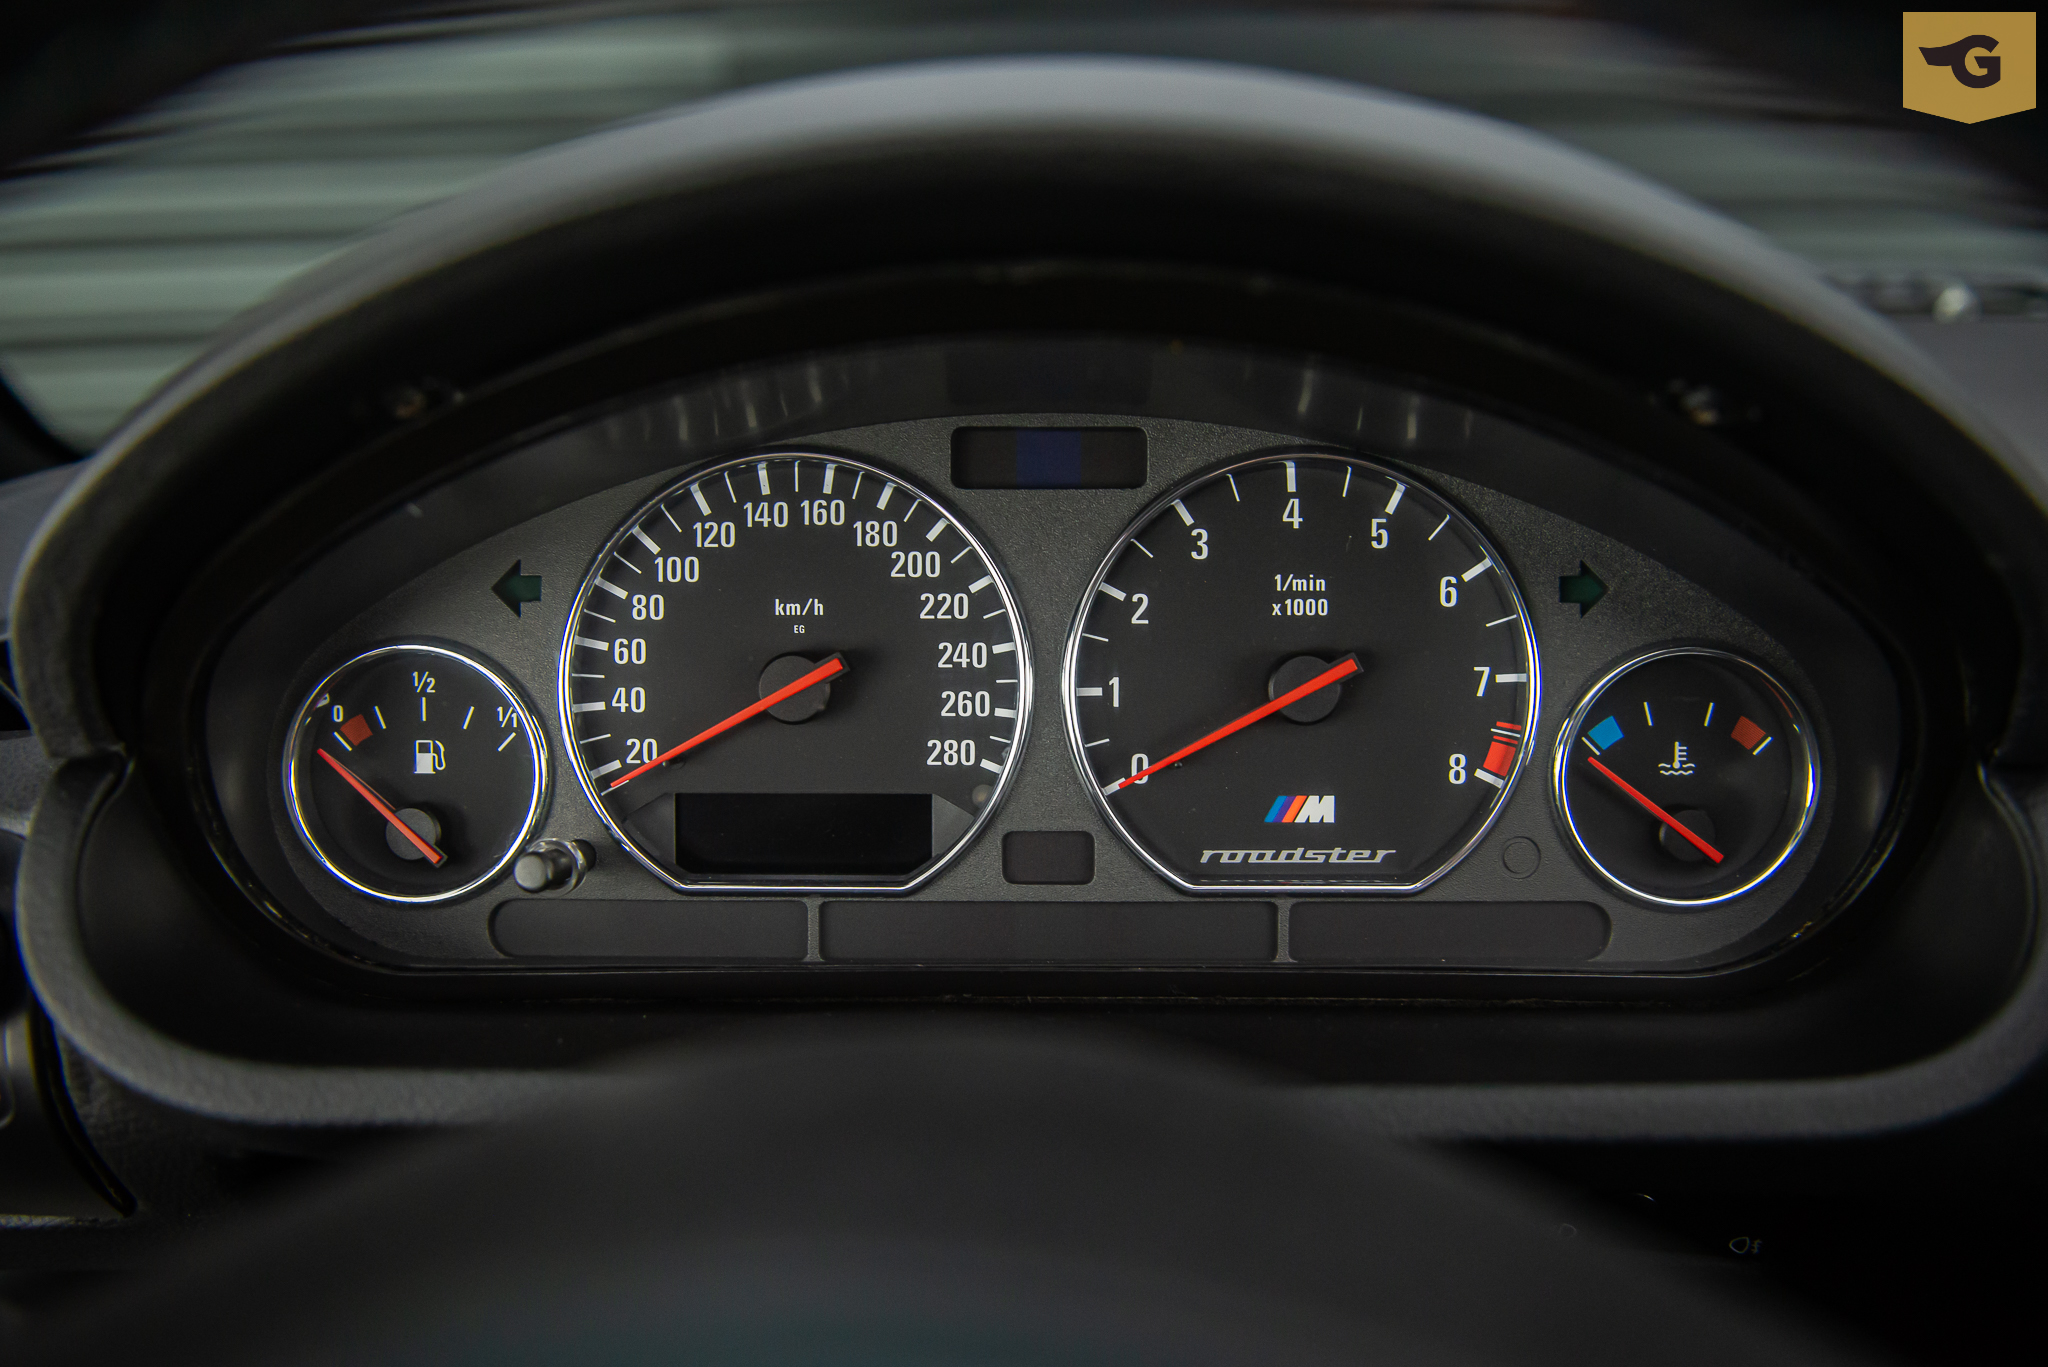 1997-BMW-Z3-M-ROADSTER-a-venda-sao-paulo-sp-for-sale-the-garage-classicos-a-melhor-loja-de-carros-antigos-acervo-de-carros-35